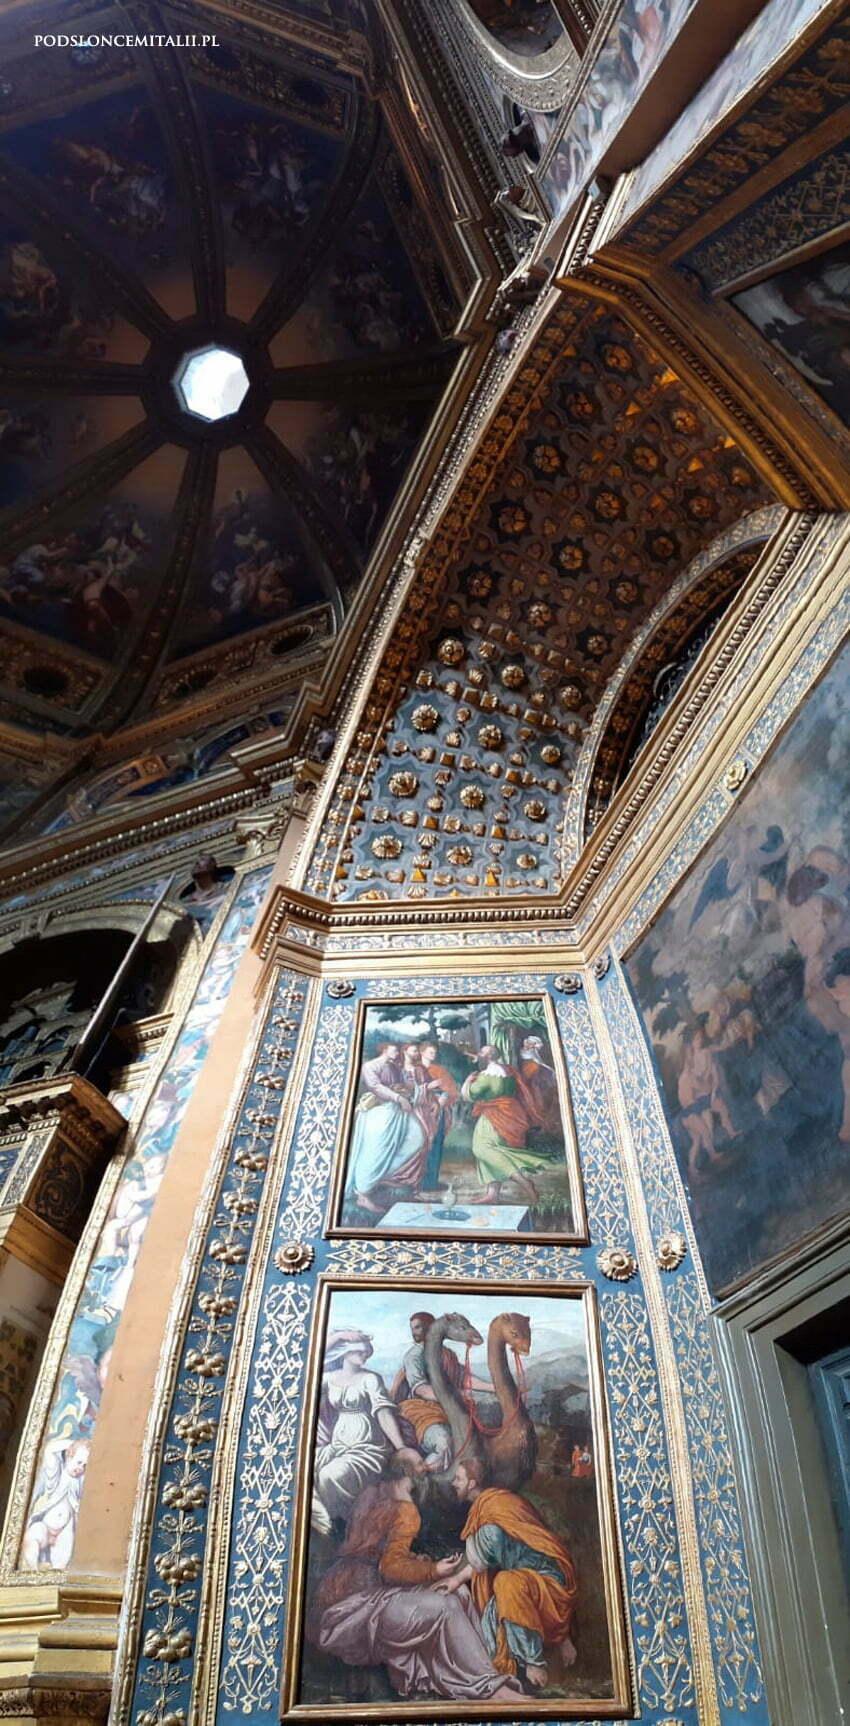 Lodi - miasto położone poza turystycznym szlakiem z jednym z piękniejszych kościołów w całej Lombardii